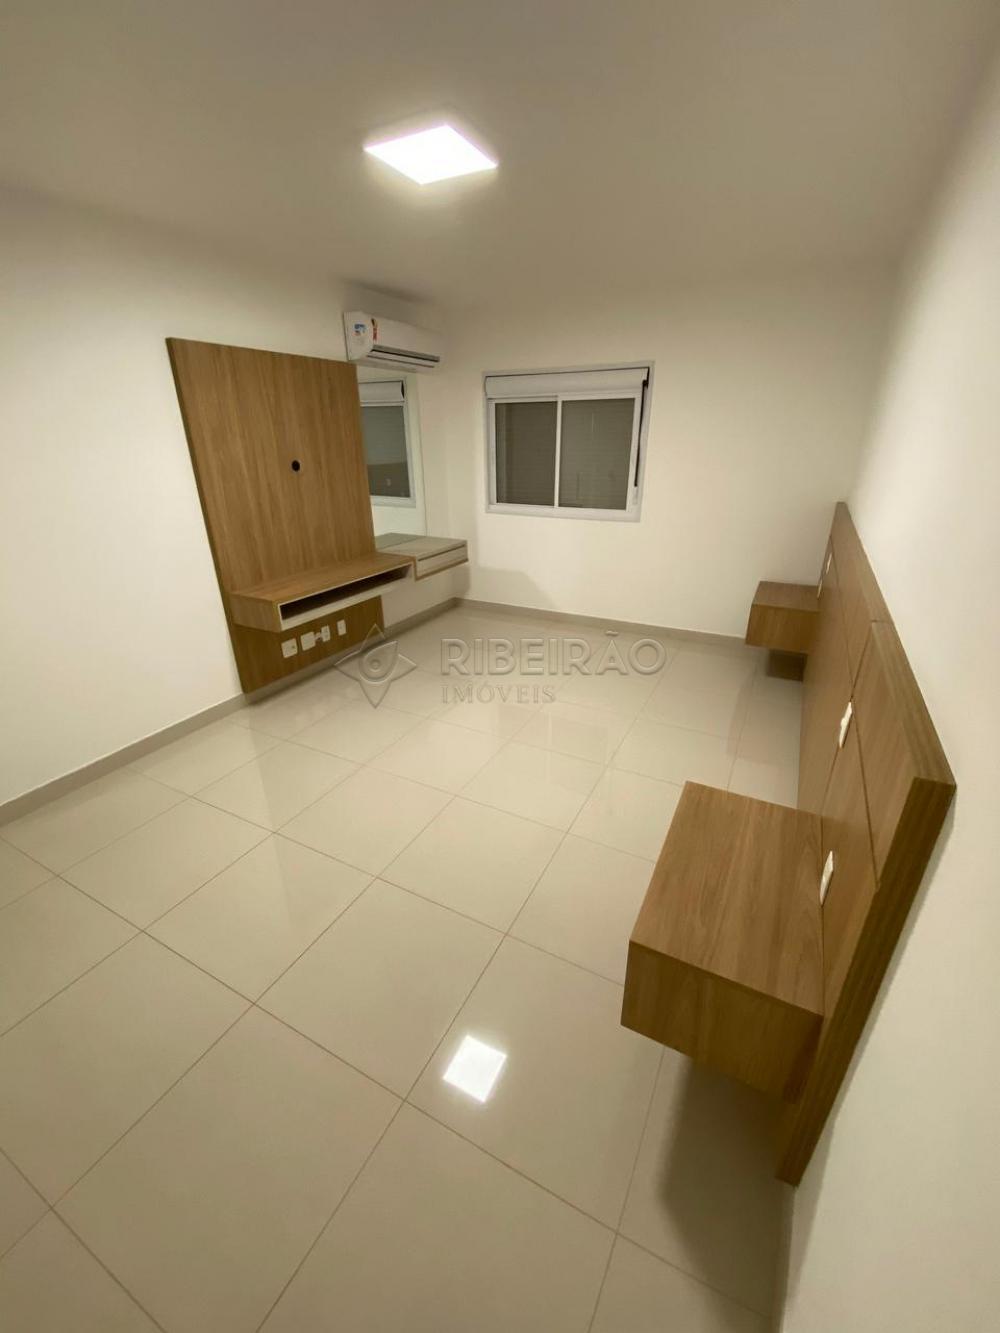 Alugar Apartamento / Padrão em Ribeirão Preto R$ 8.600,00 - Foto 17